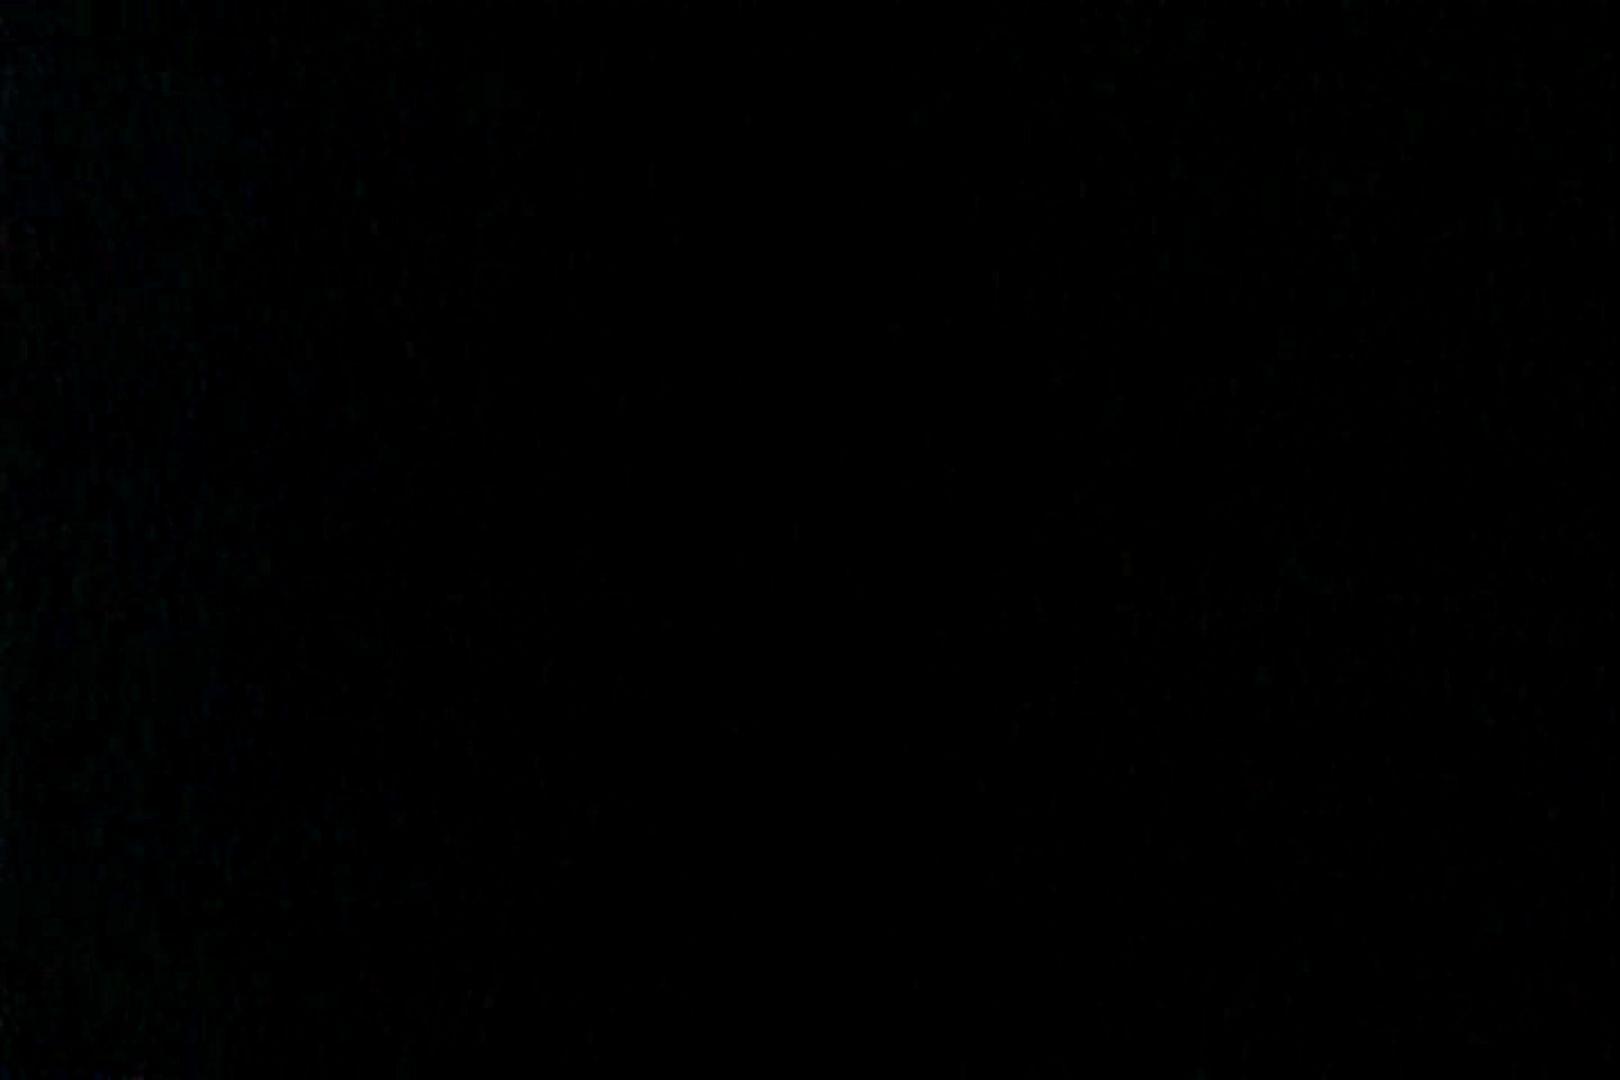 充血監督の深夜の運動会Vol.125 巨乳 オメコ動画キャプチャ 98pic 21